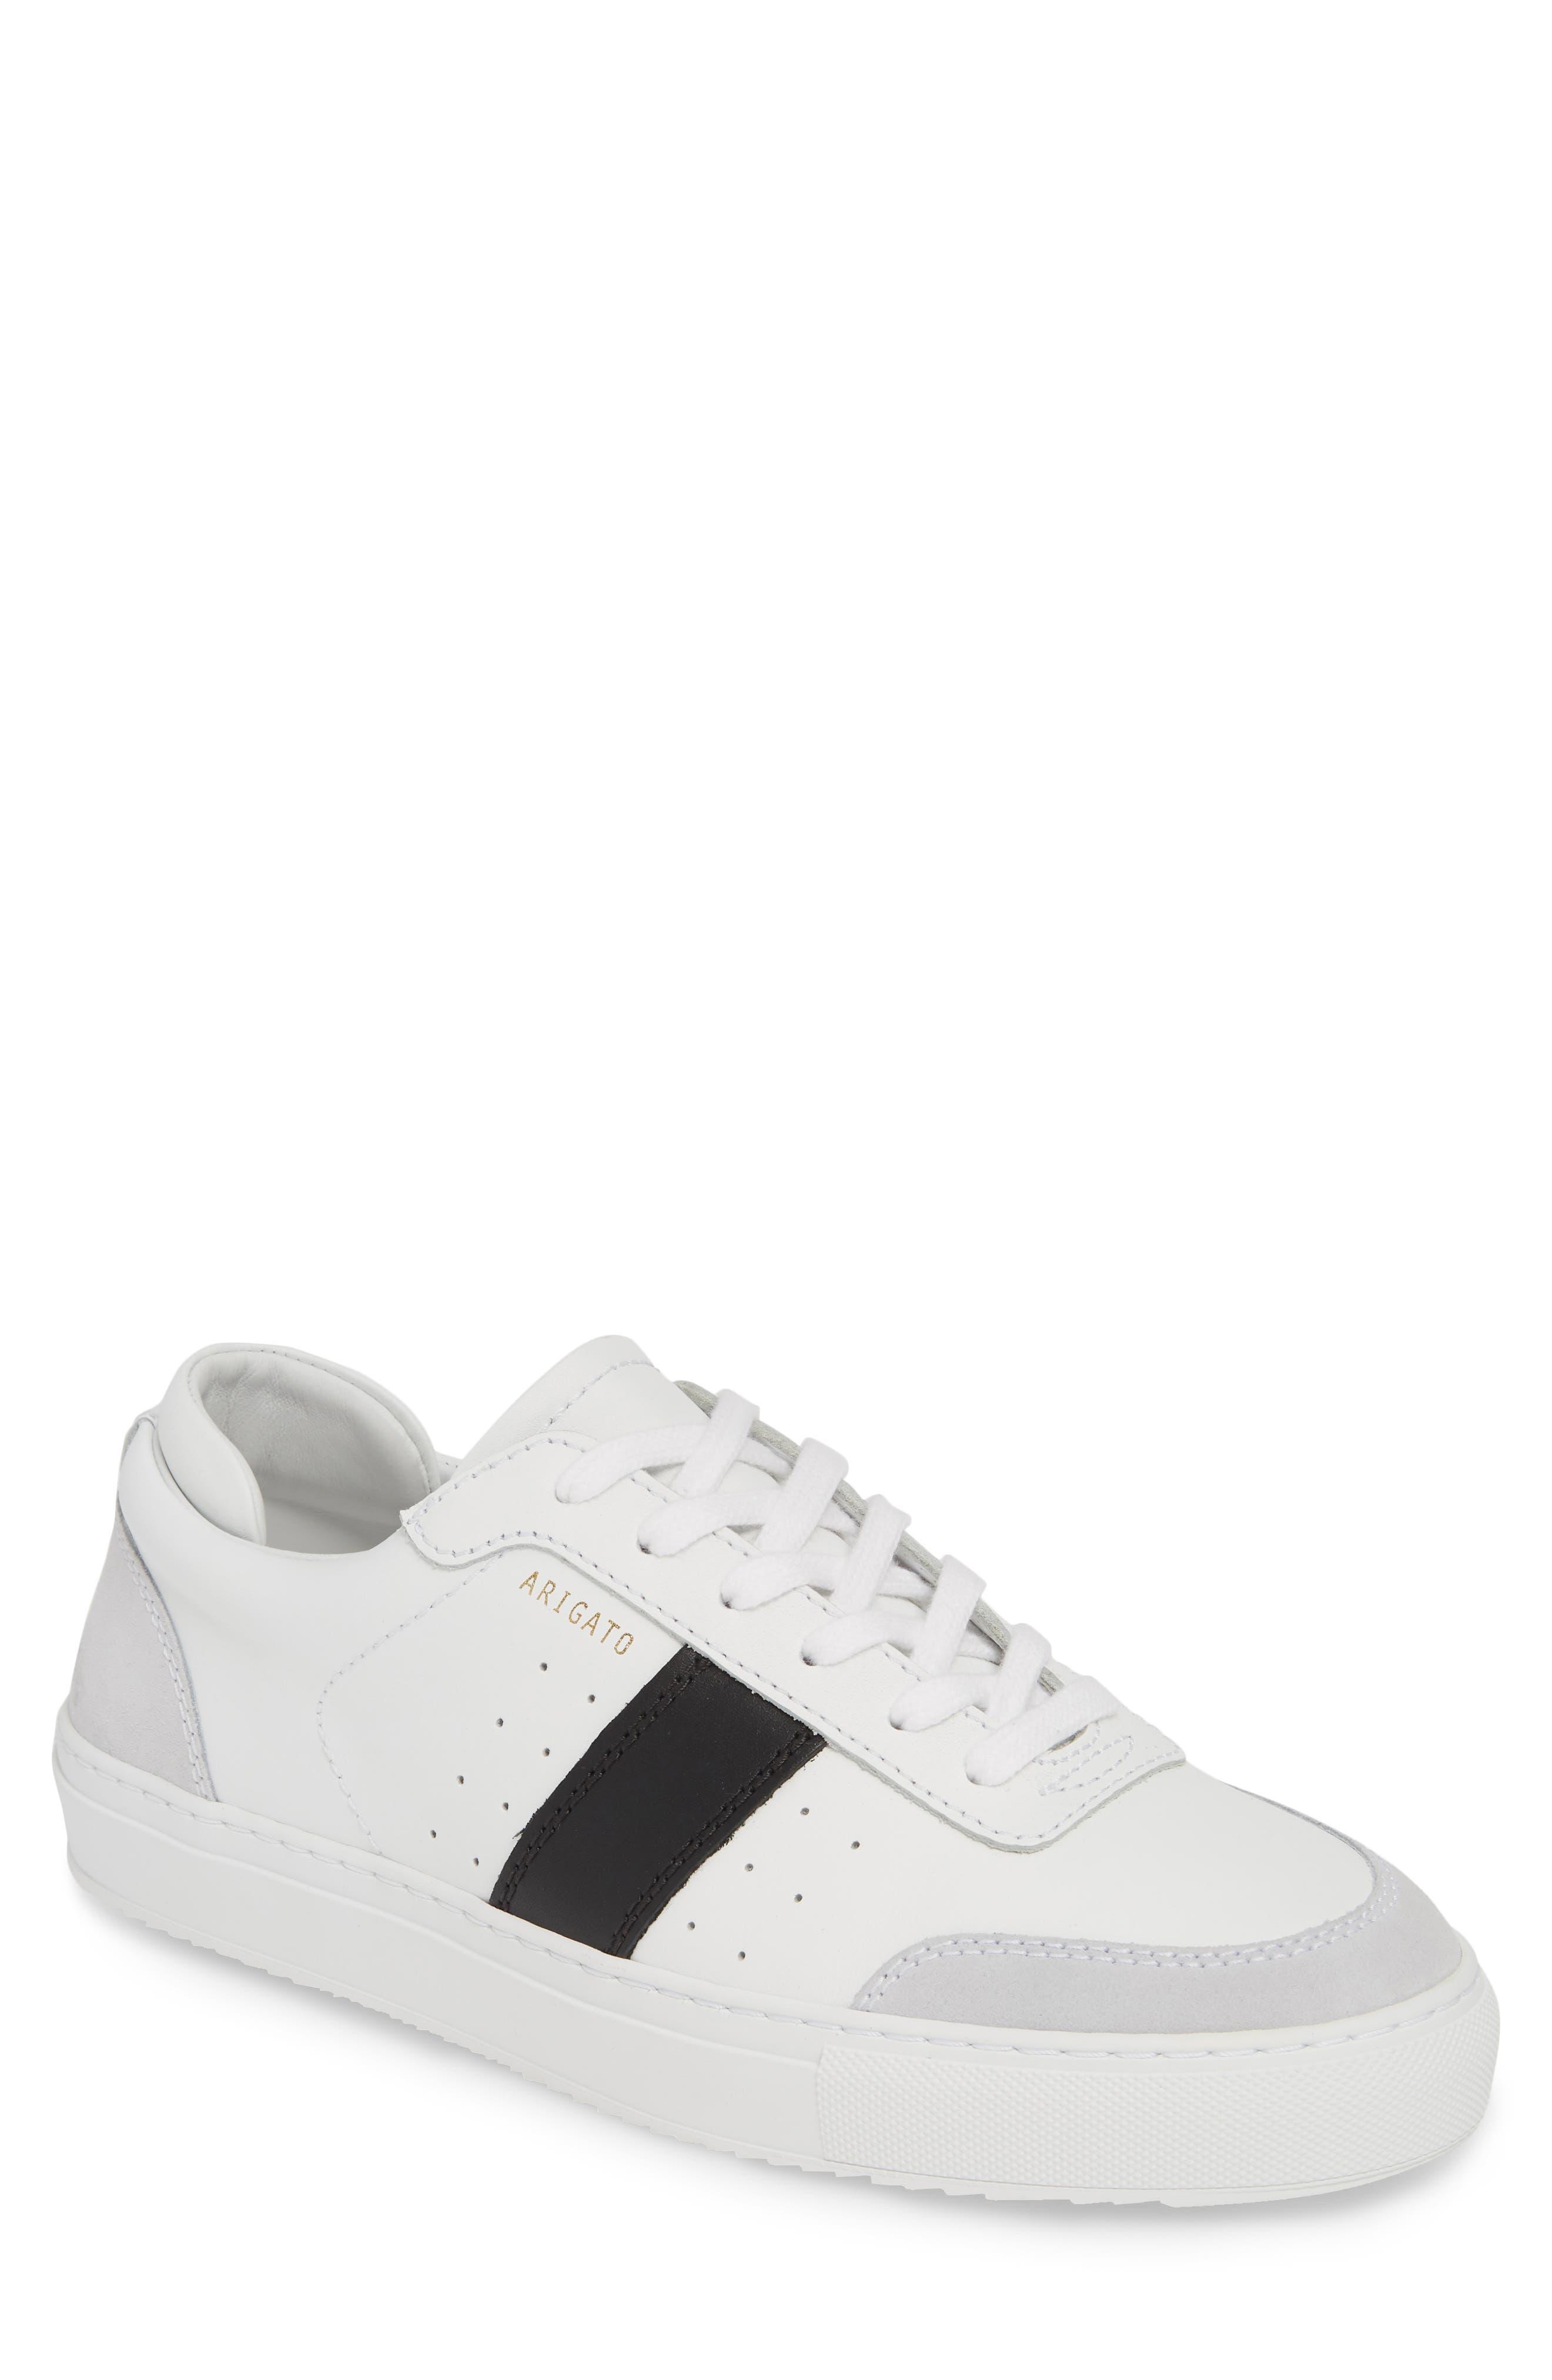 AXEL ARIGATO Dunk Sneaker, Main, color, WHITE W/ BLACK STRIPE